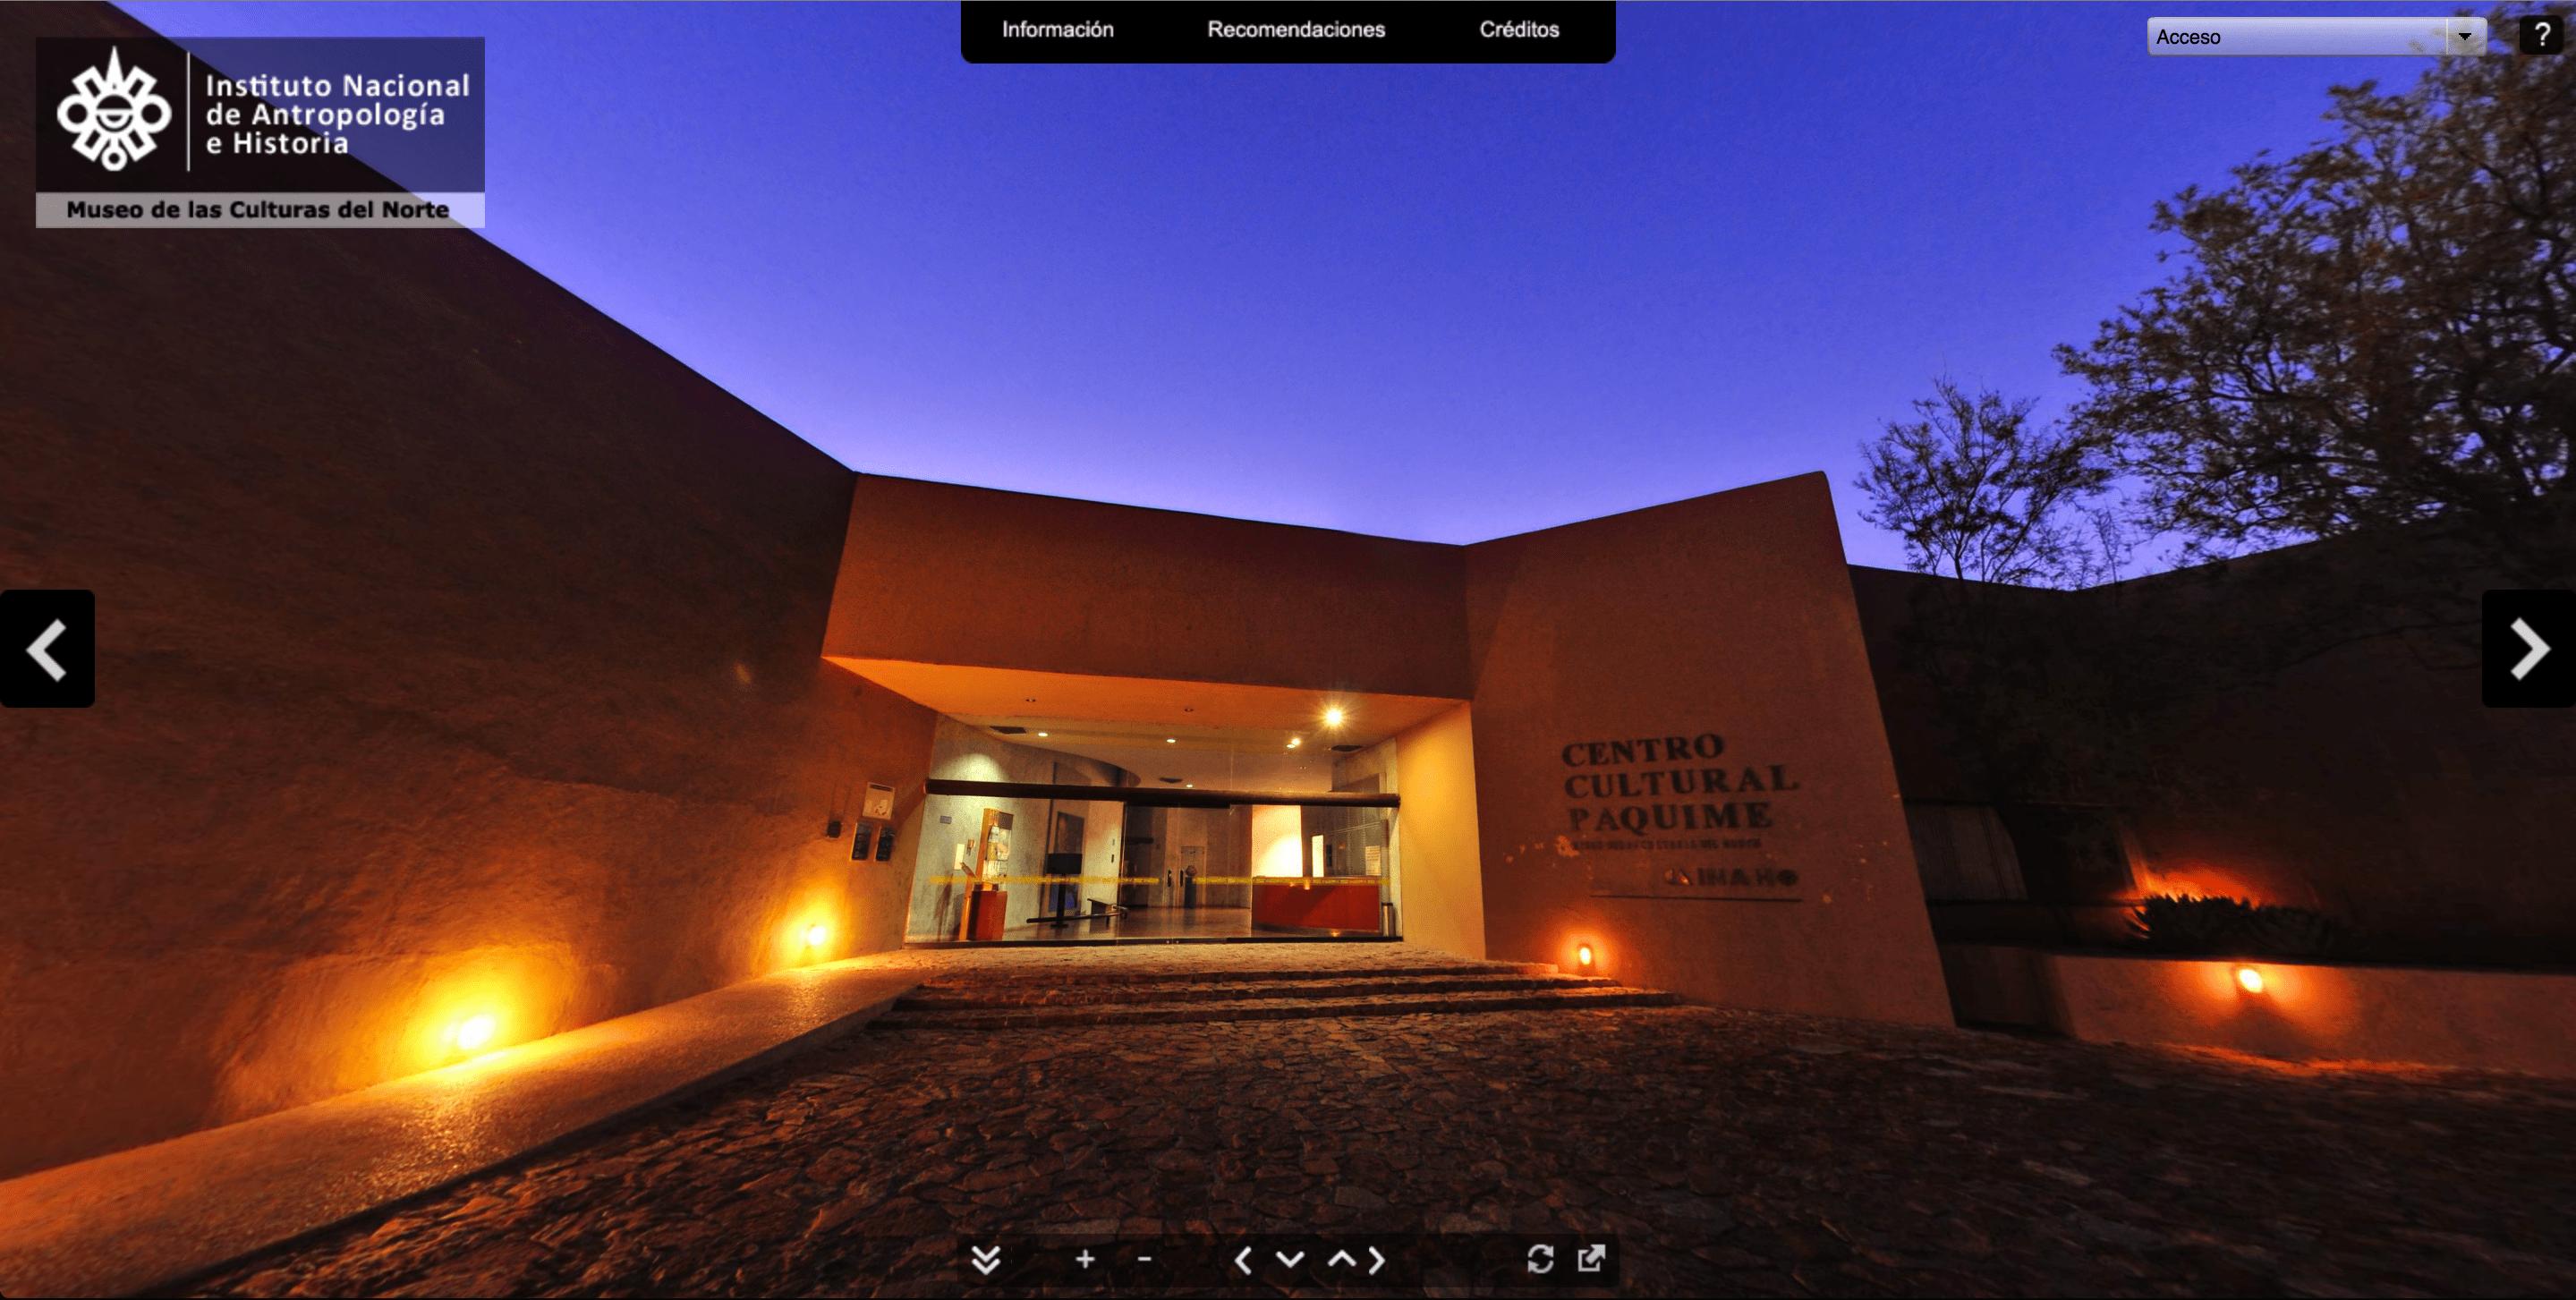 Museo de las Culturas del Norte (Paquimé)